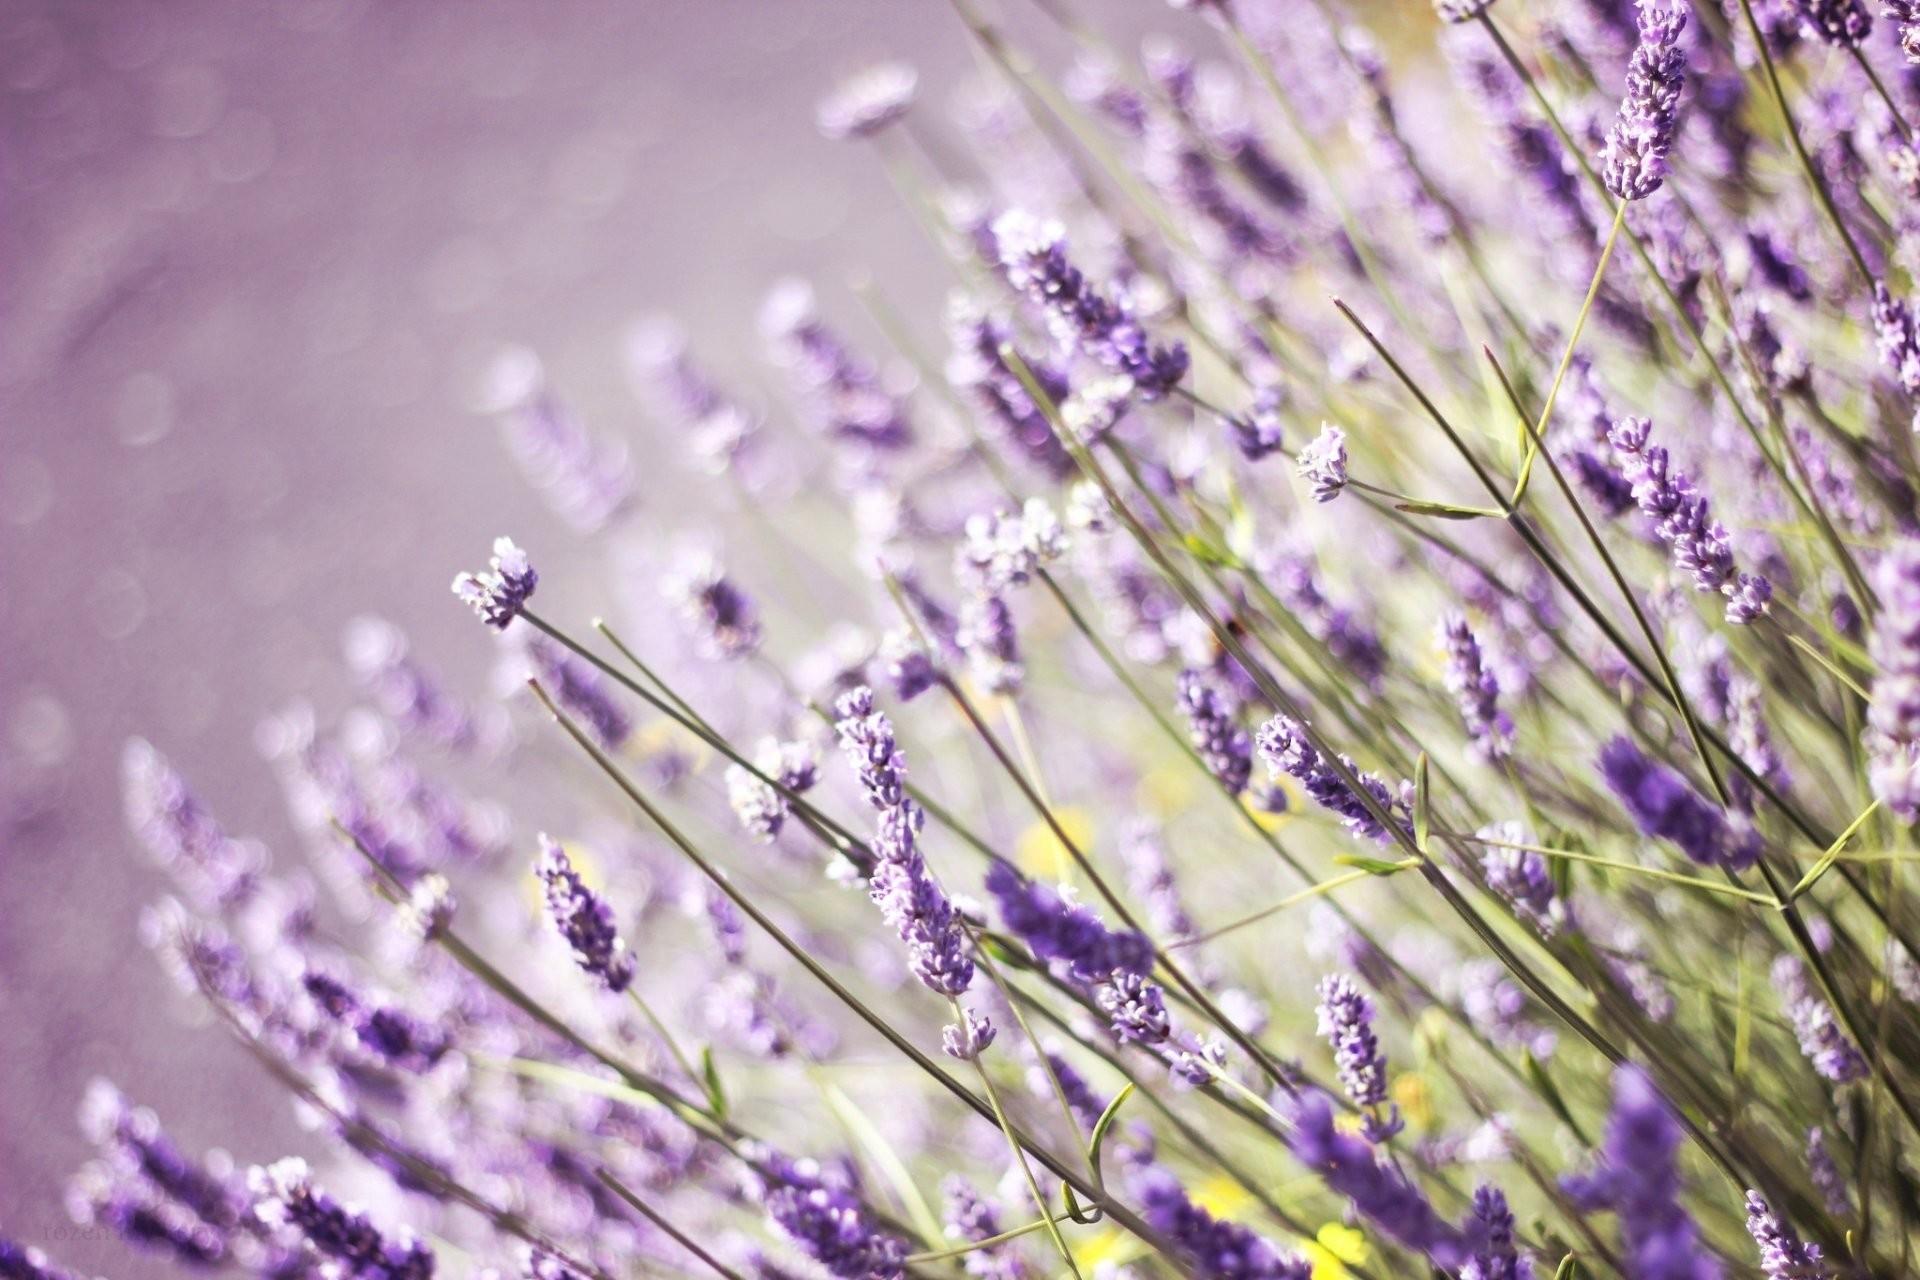 lavender flower field purple grass the field